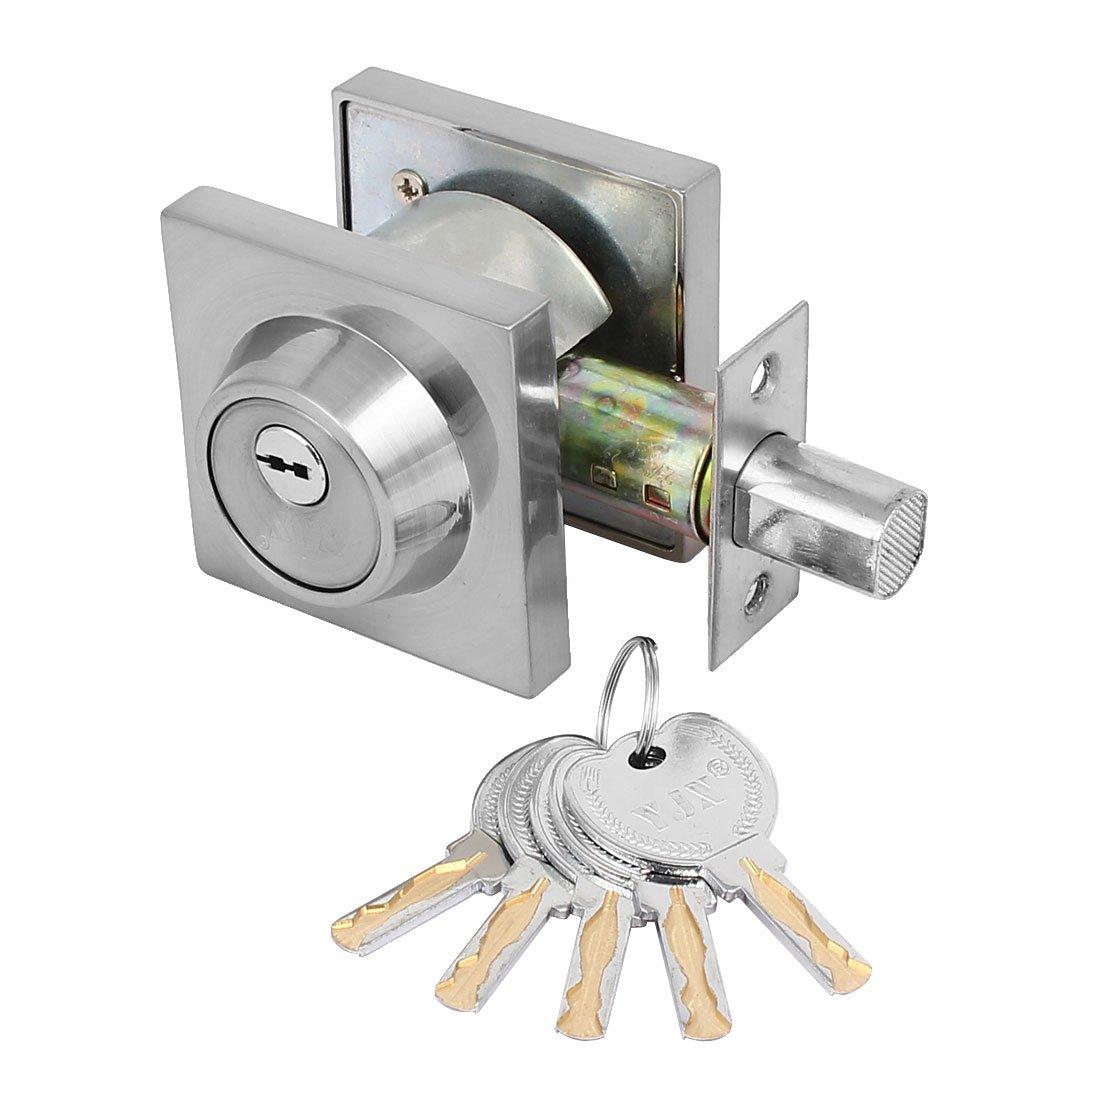 uxcell Home Bedroom Doors Square Shape Single Cylinder Deadbolt Security Keyed Lockset